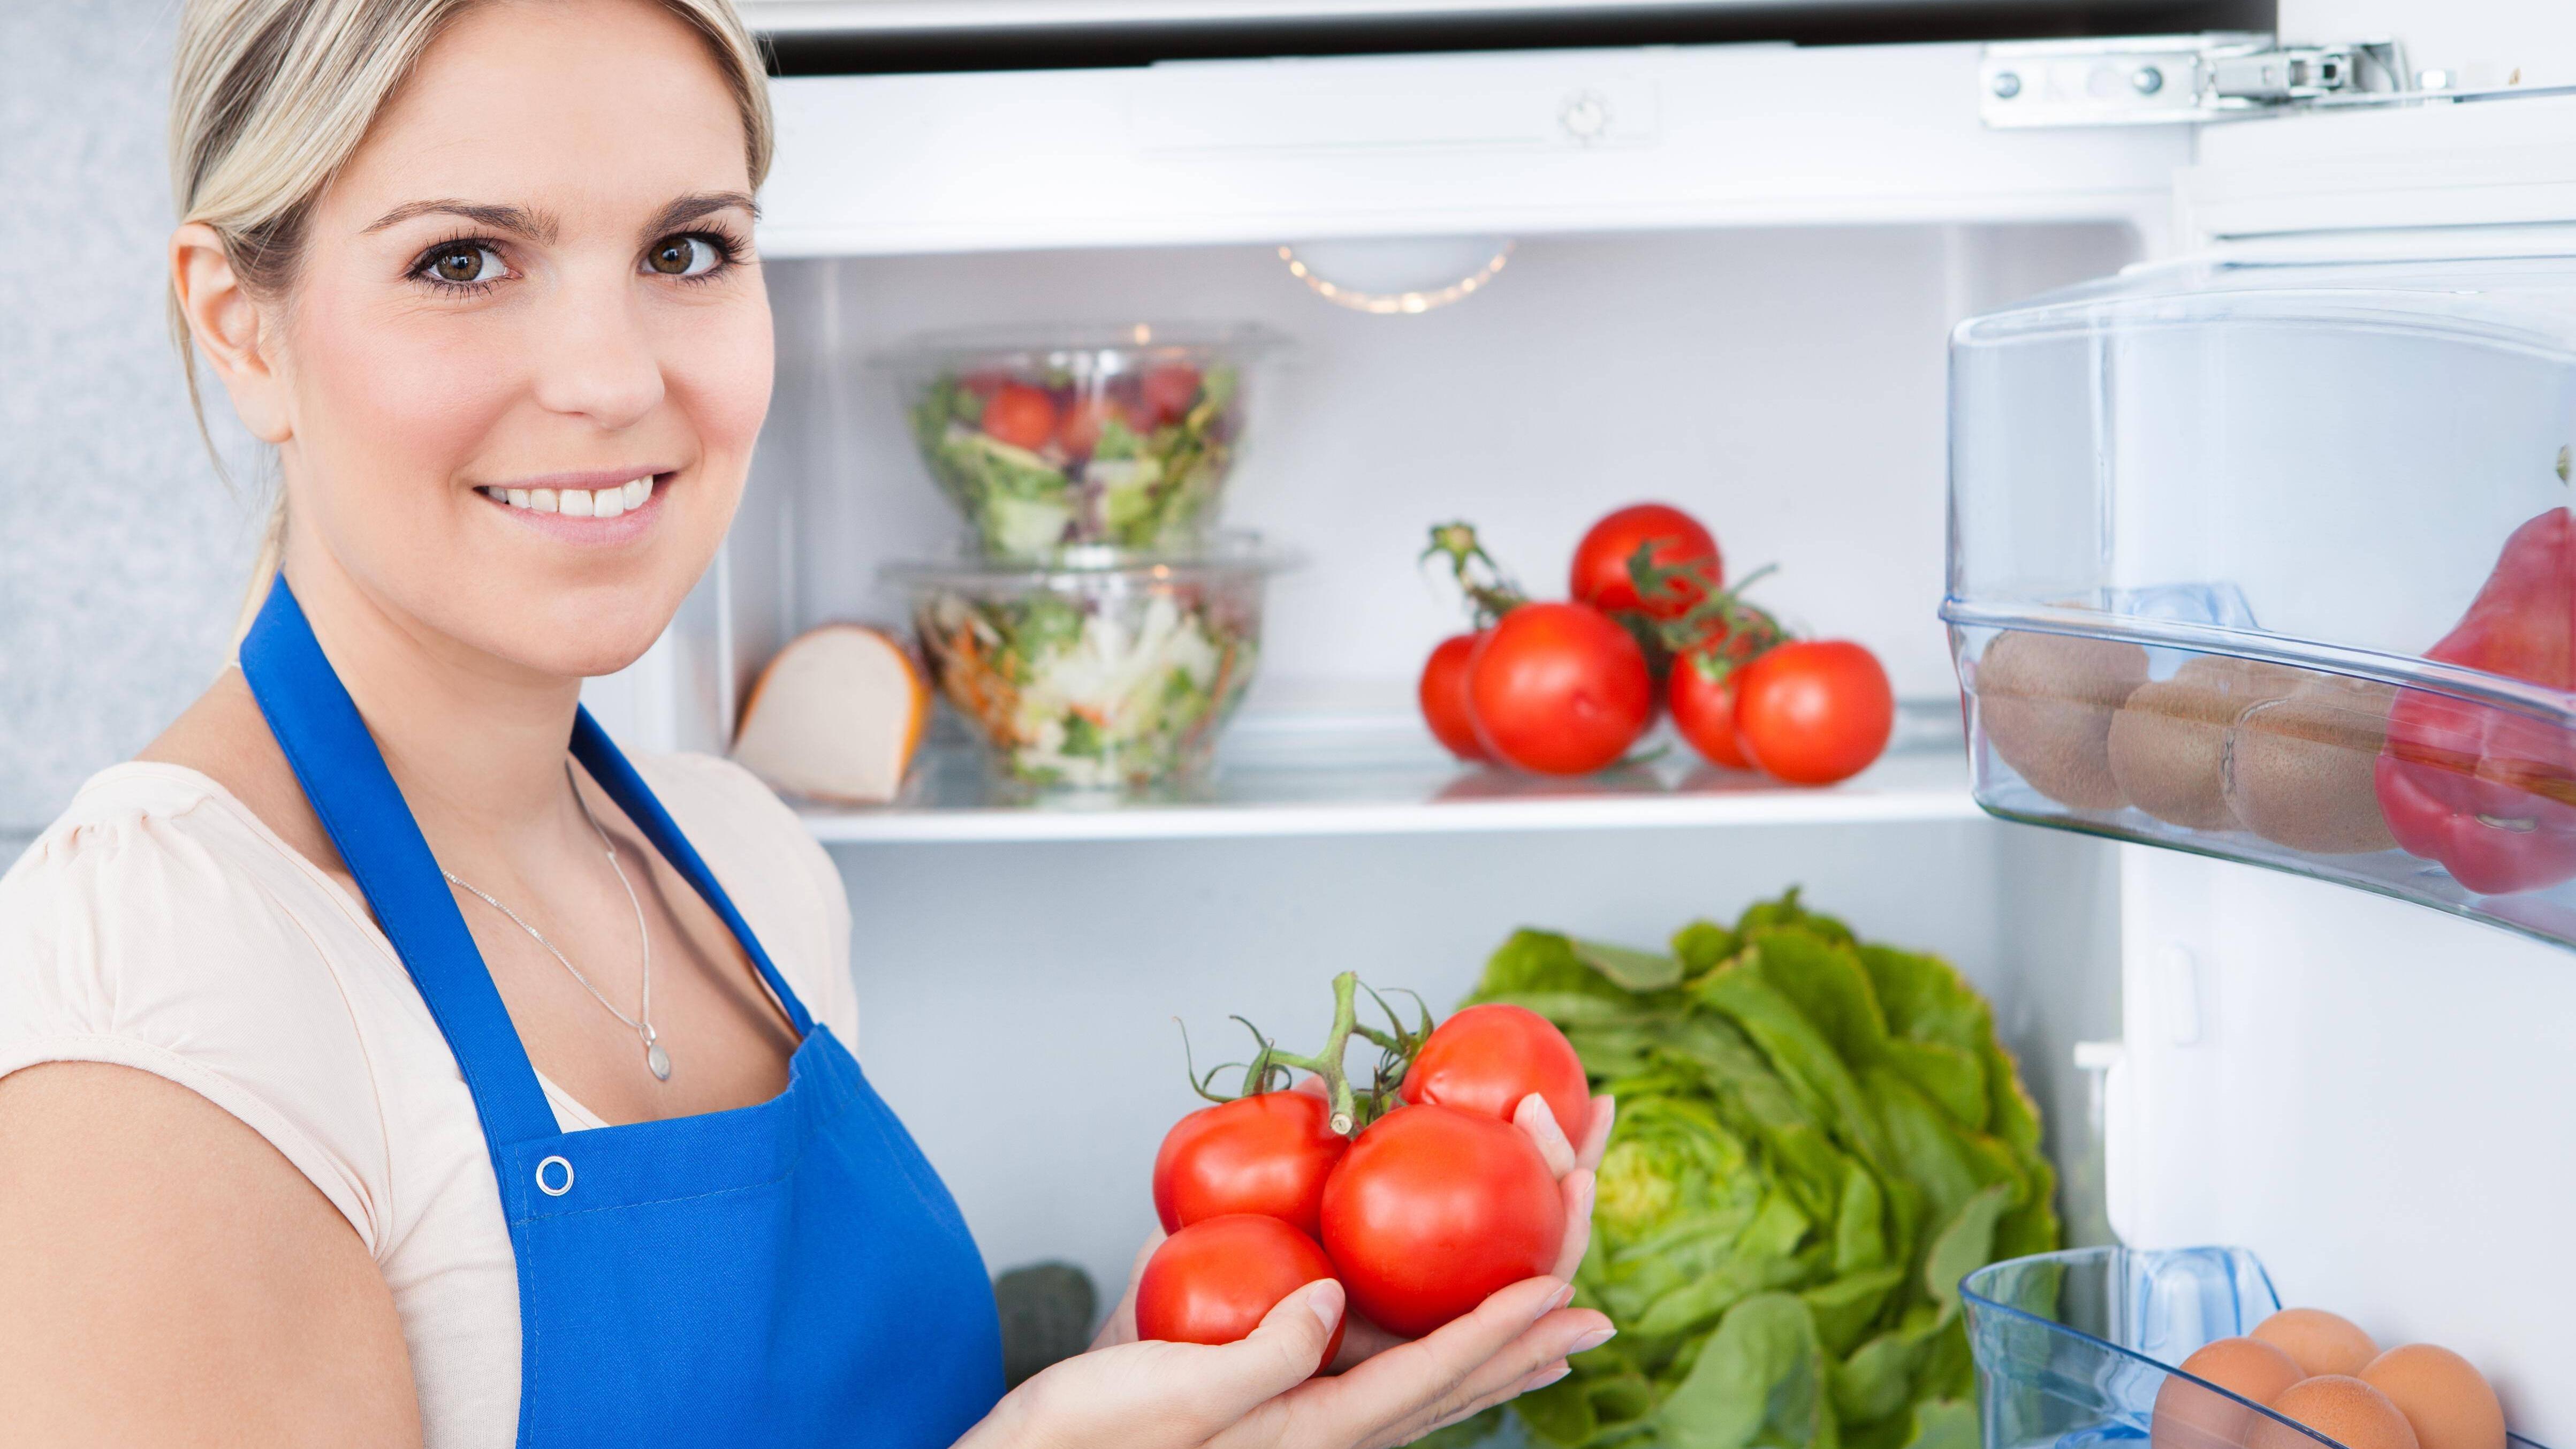 Das richtige Aufstellen des Kühlschranks ist wichtig.